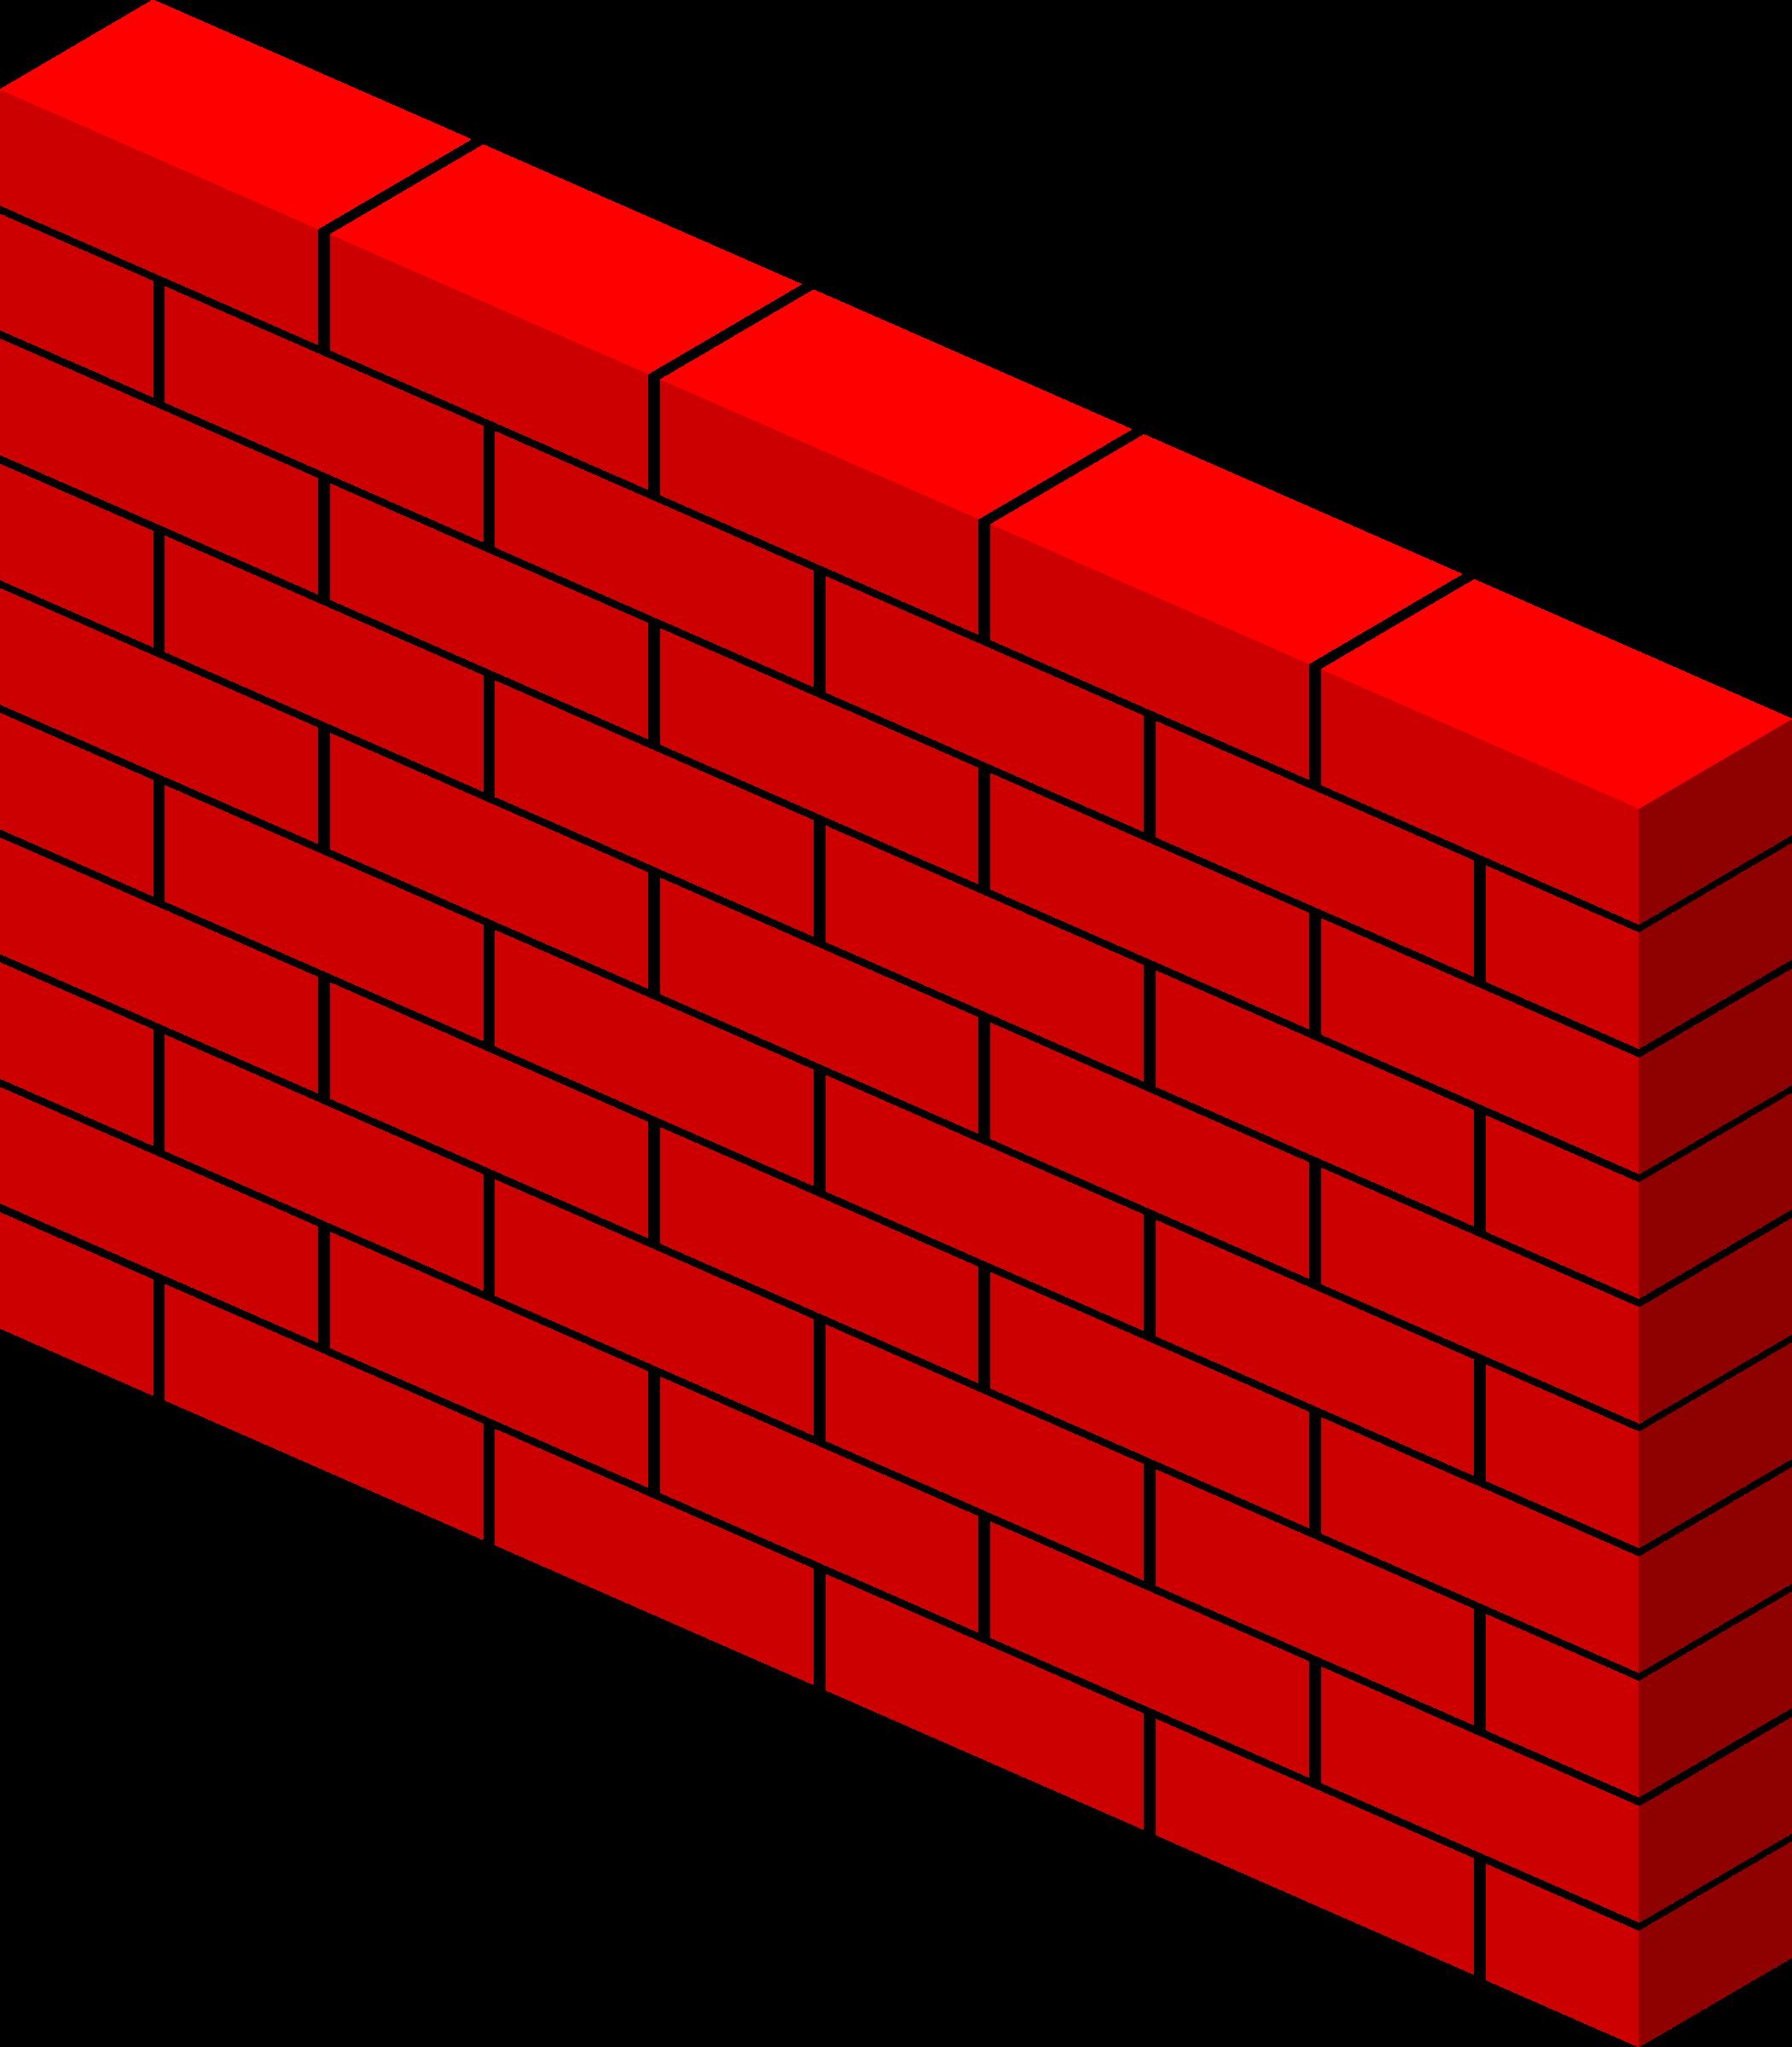 png download Transparent firewalls brick. Clipart wall big image